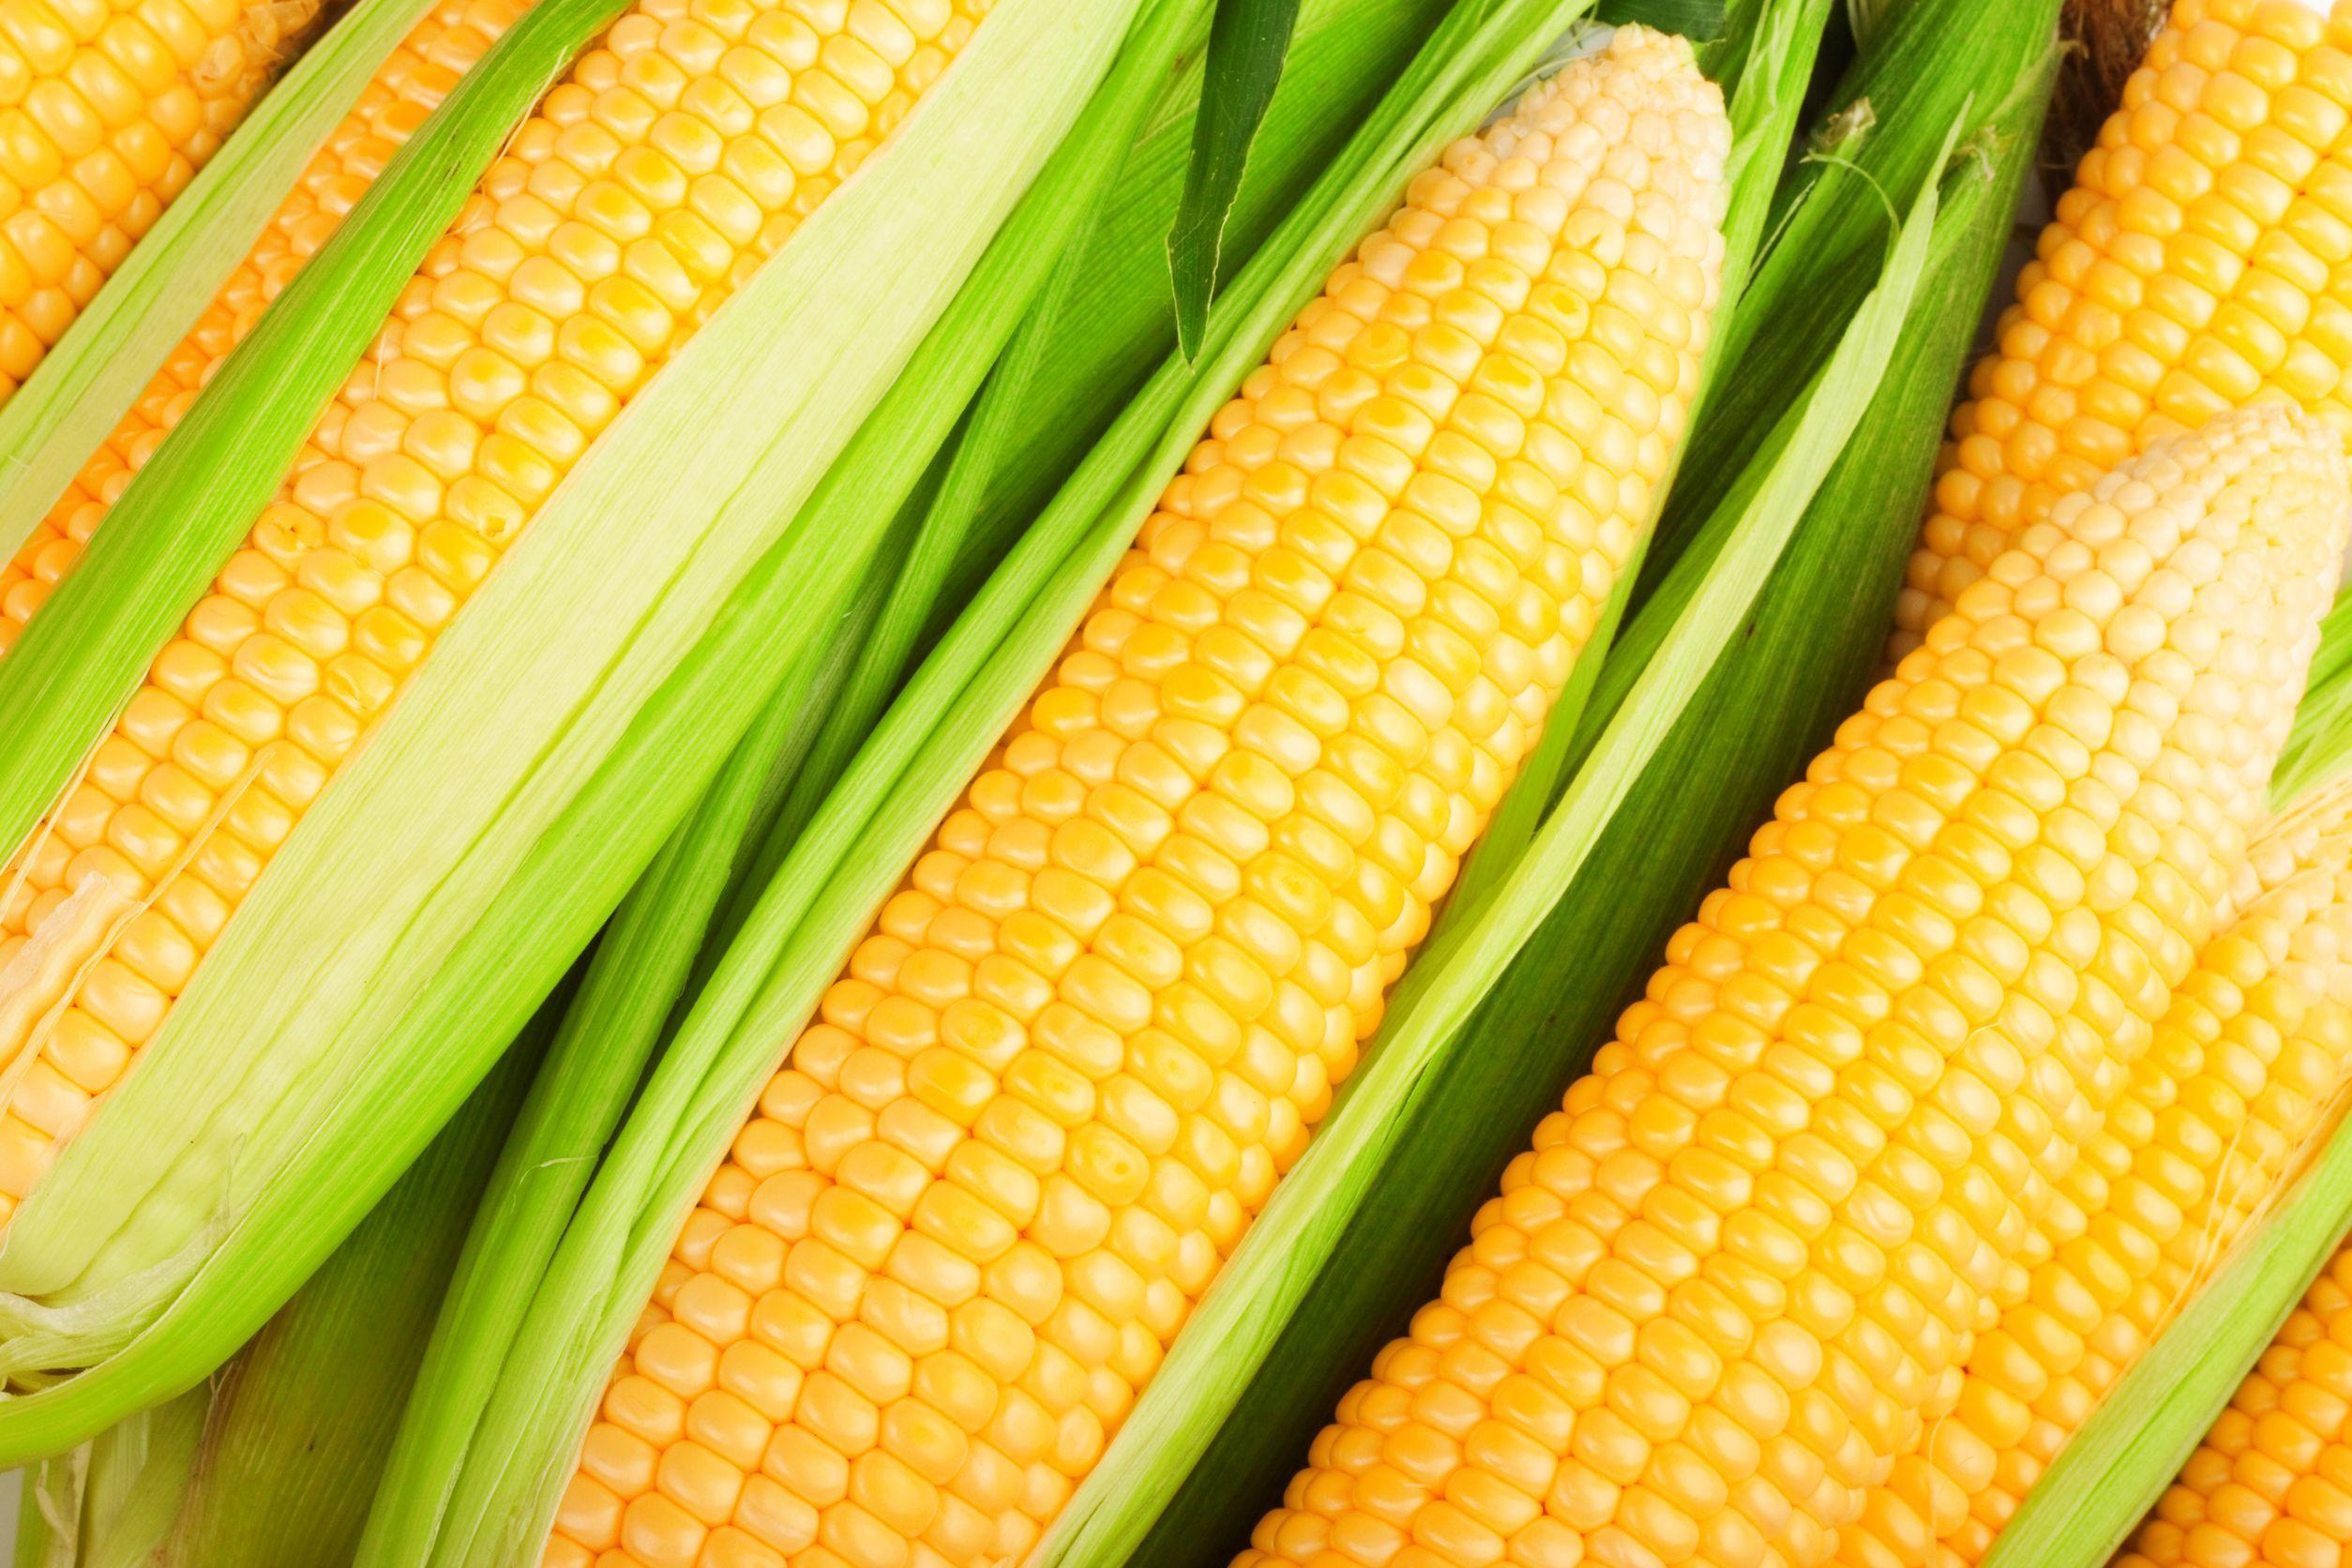 Perchè il mais aiuta l'assorbimento del calcio nelle ossa